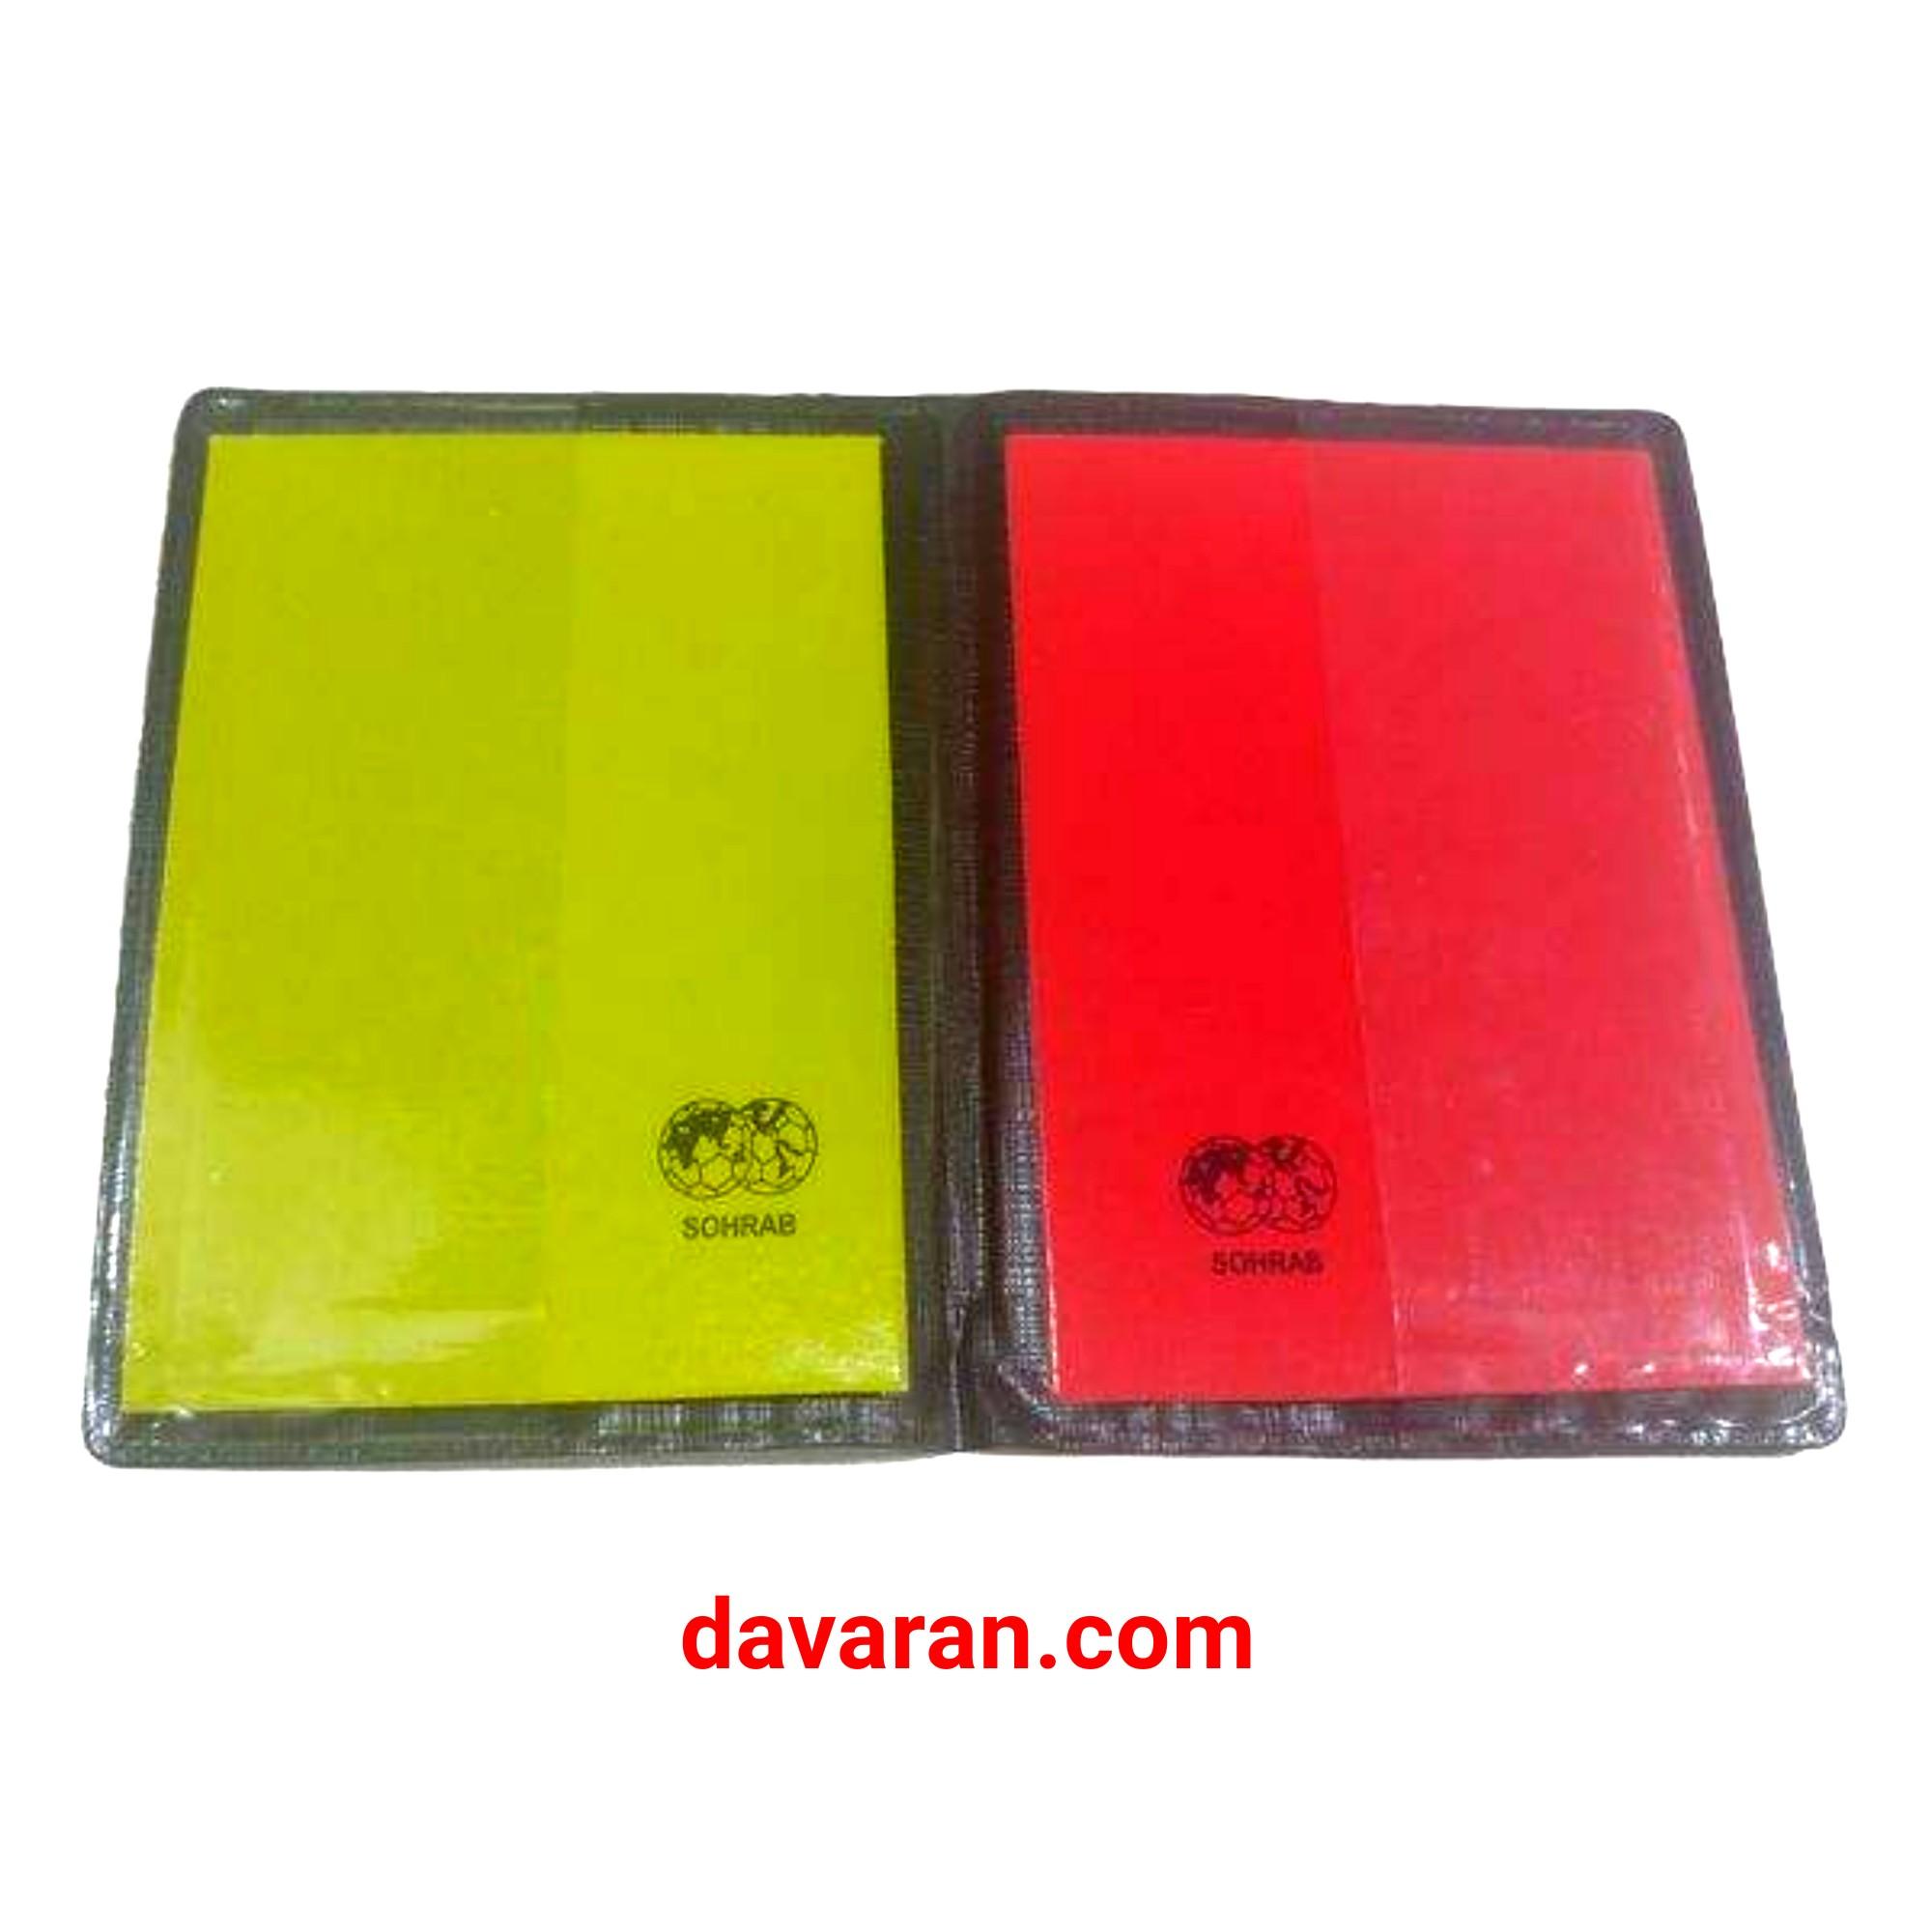 کارت داوری زرد و قرمز ایرانی